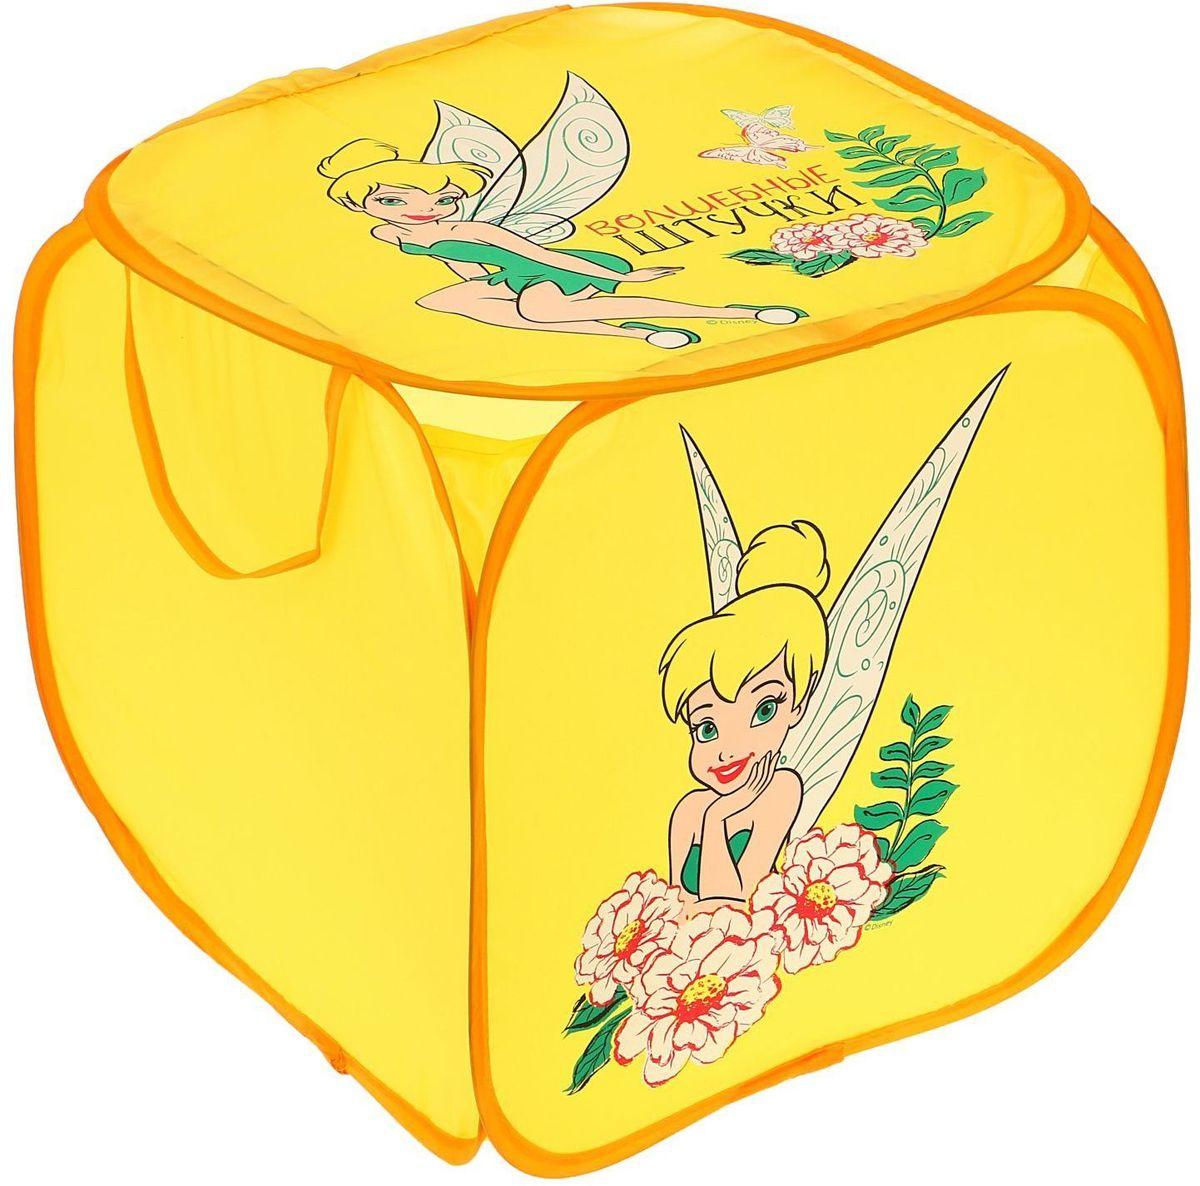 Disney Корзина для хранения Волшебные штучки ФеиС81101С Disney уборка веселей! Квадратная корзина с героями любимого мультфильма приведёт ребёнка в восторг: малыш сам будет прибирать игрушки без лишних напоминаний! Изделие дополнено двумя ручками, за которые куб можно подвесить или перемещать с места на место. Крышка с красочным изображением известного персонажа Disney защитит содержимое корзины от пыли и других загрязнений.